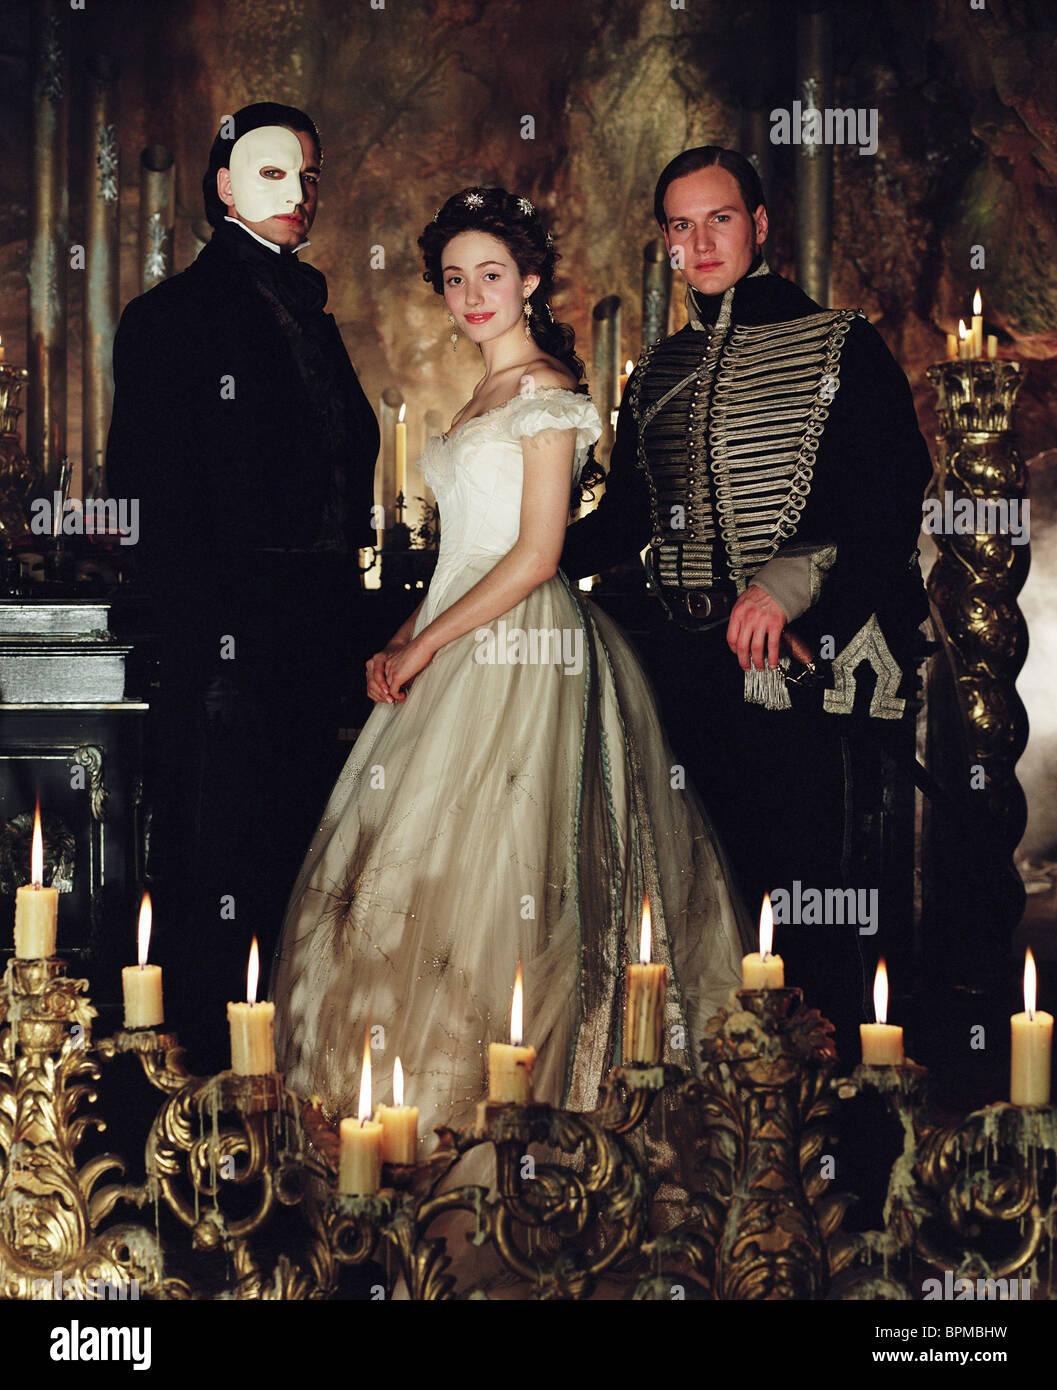 GERARD BUTLER EMMY ROSSUM & PATRICK WILSON THE PHANTOM OF ... Patrick Wilson Phantom Of The Opera